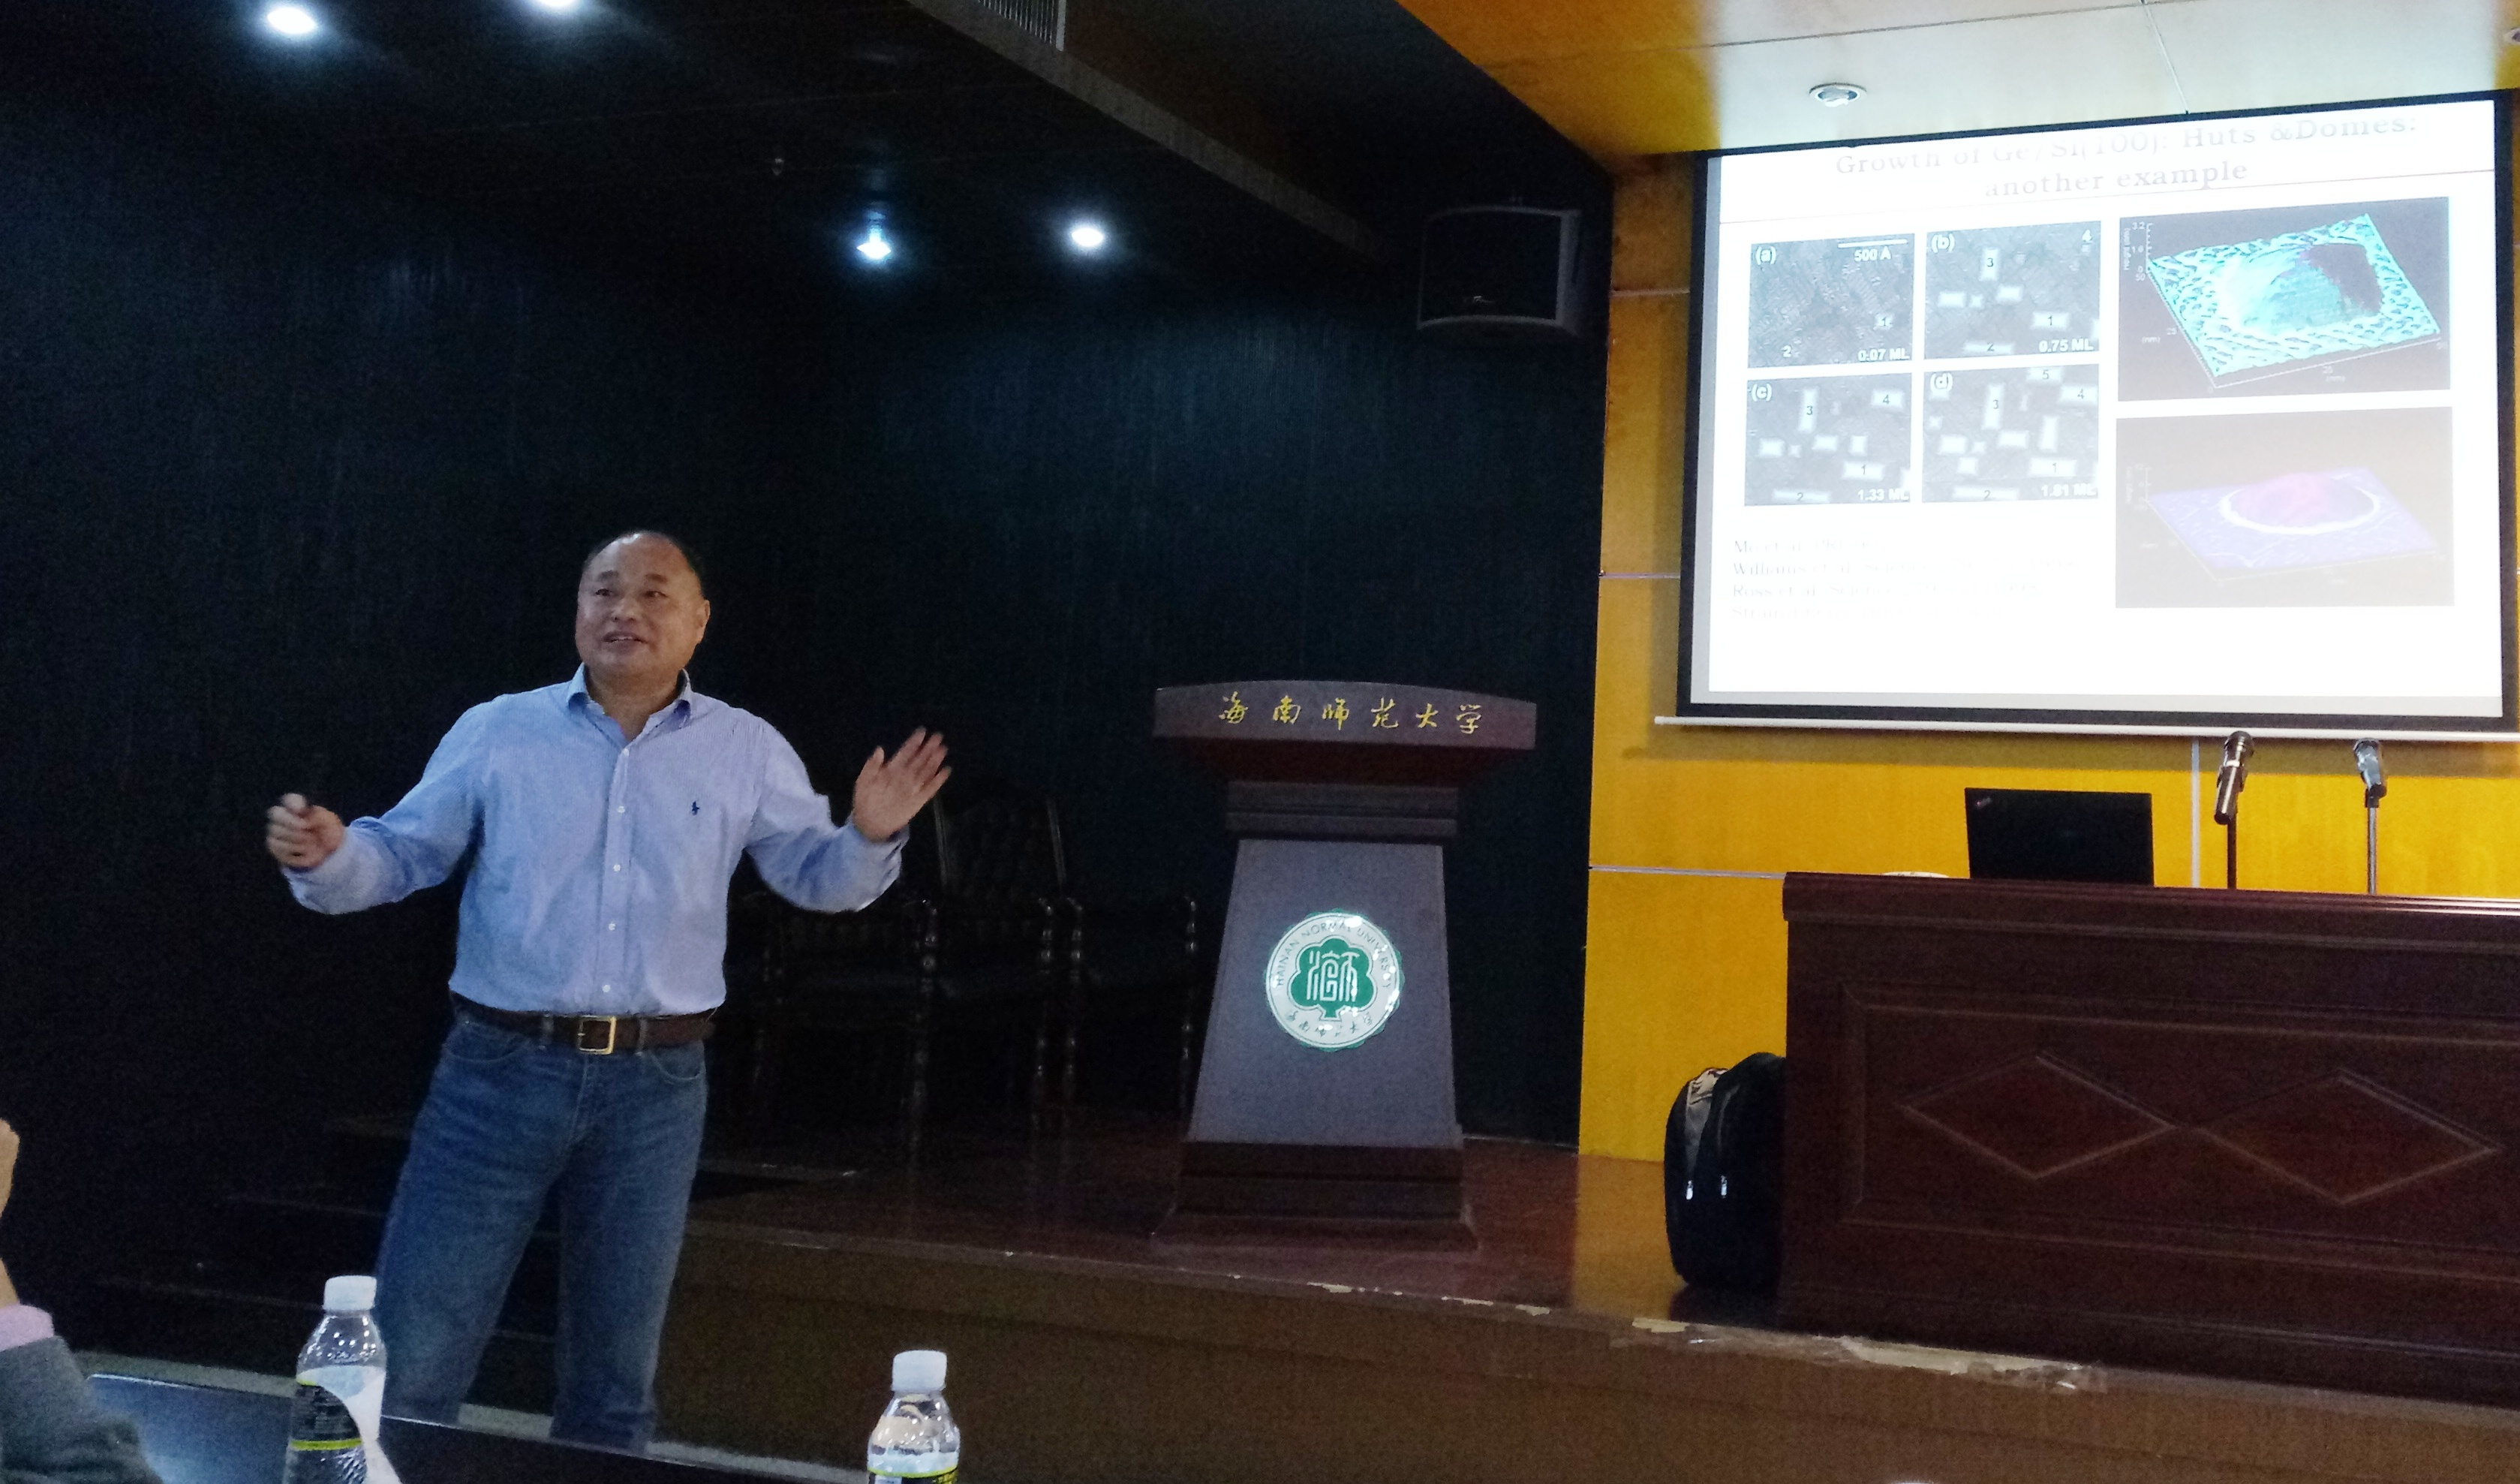 郑州大学贾瑜教授来我校作学术报告